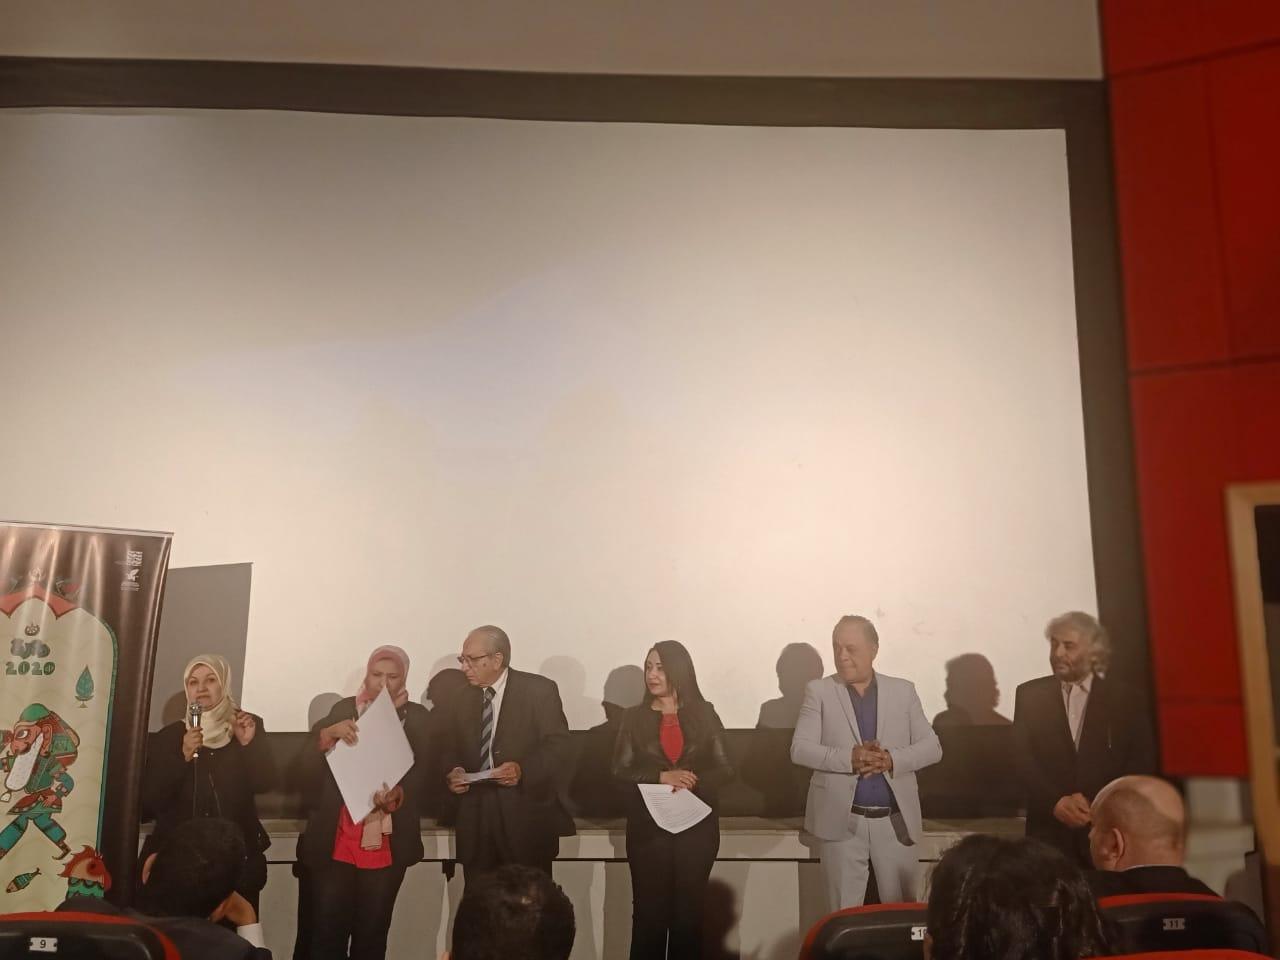 جوائز مهرجان القاهرة الدولي (7)